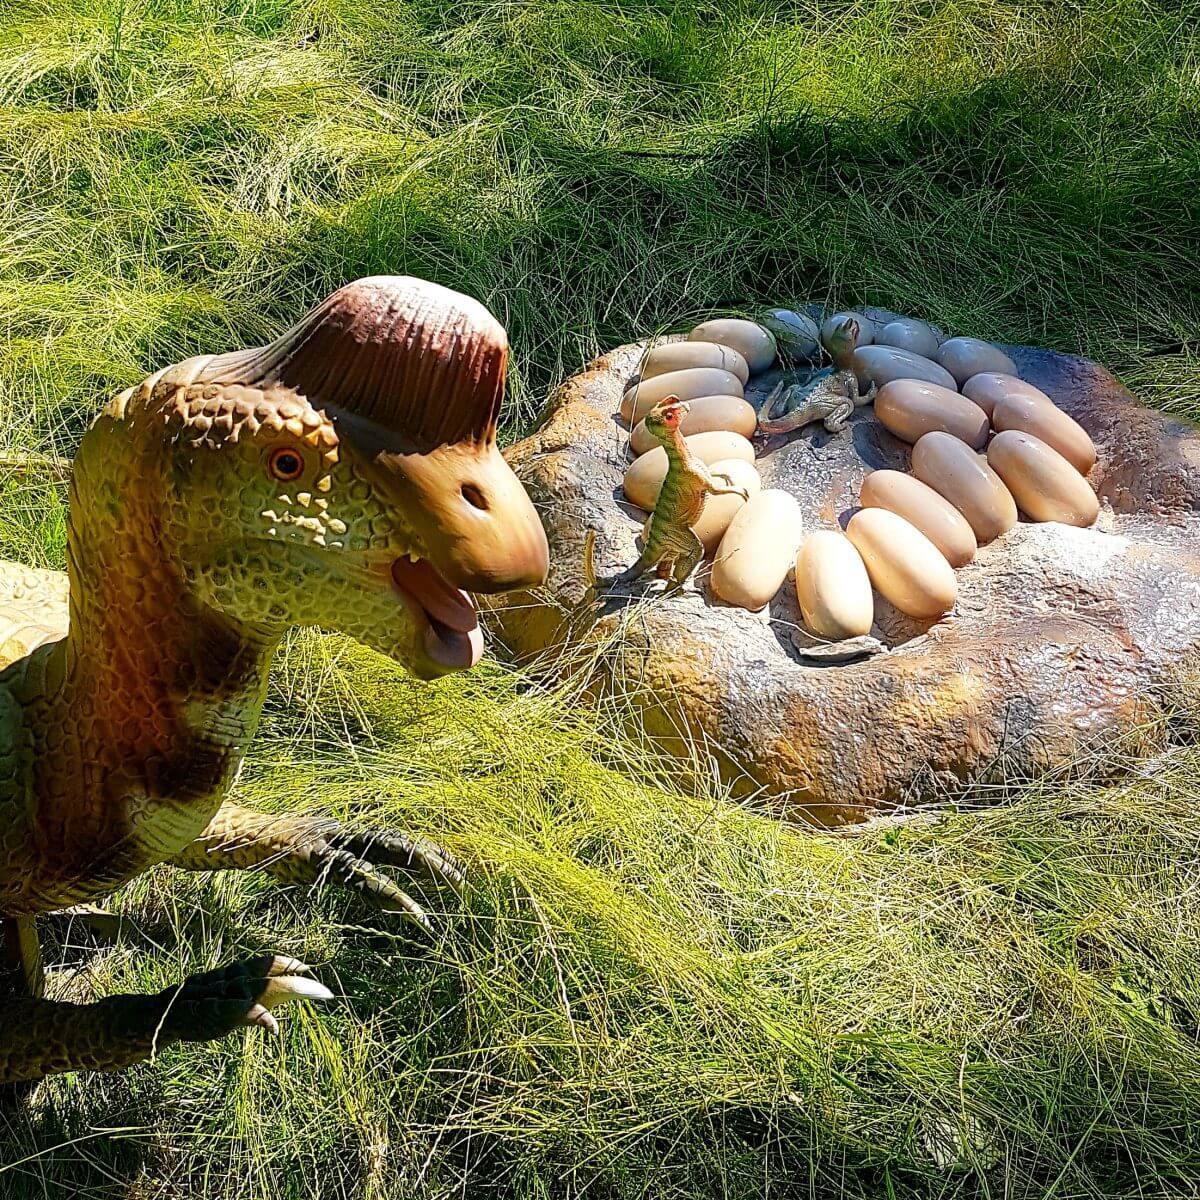 Uitje met kids: dino's kijken bij Jurassic Kingdom en daarna naar de speeltuin